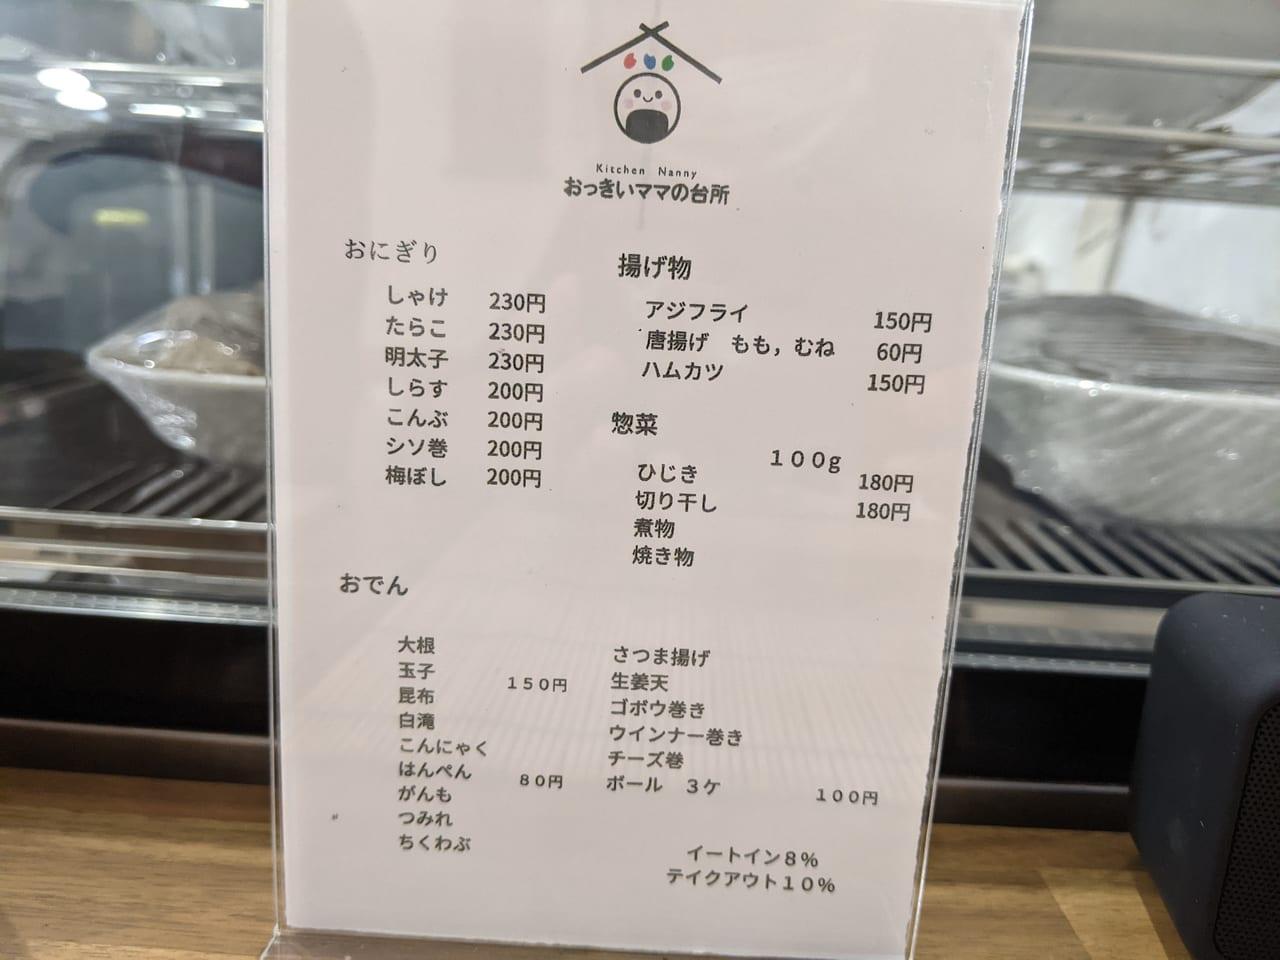 KitchenNannyメニュー